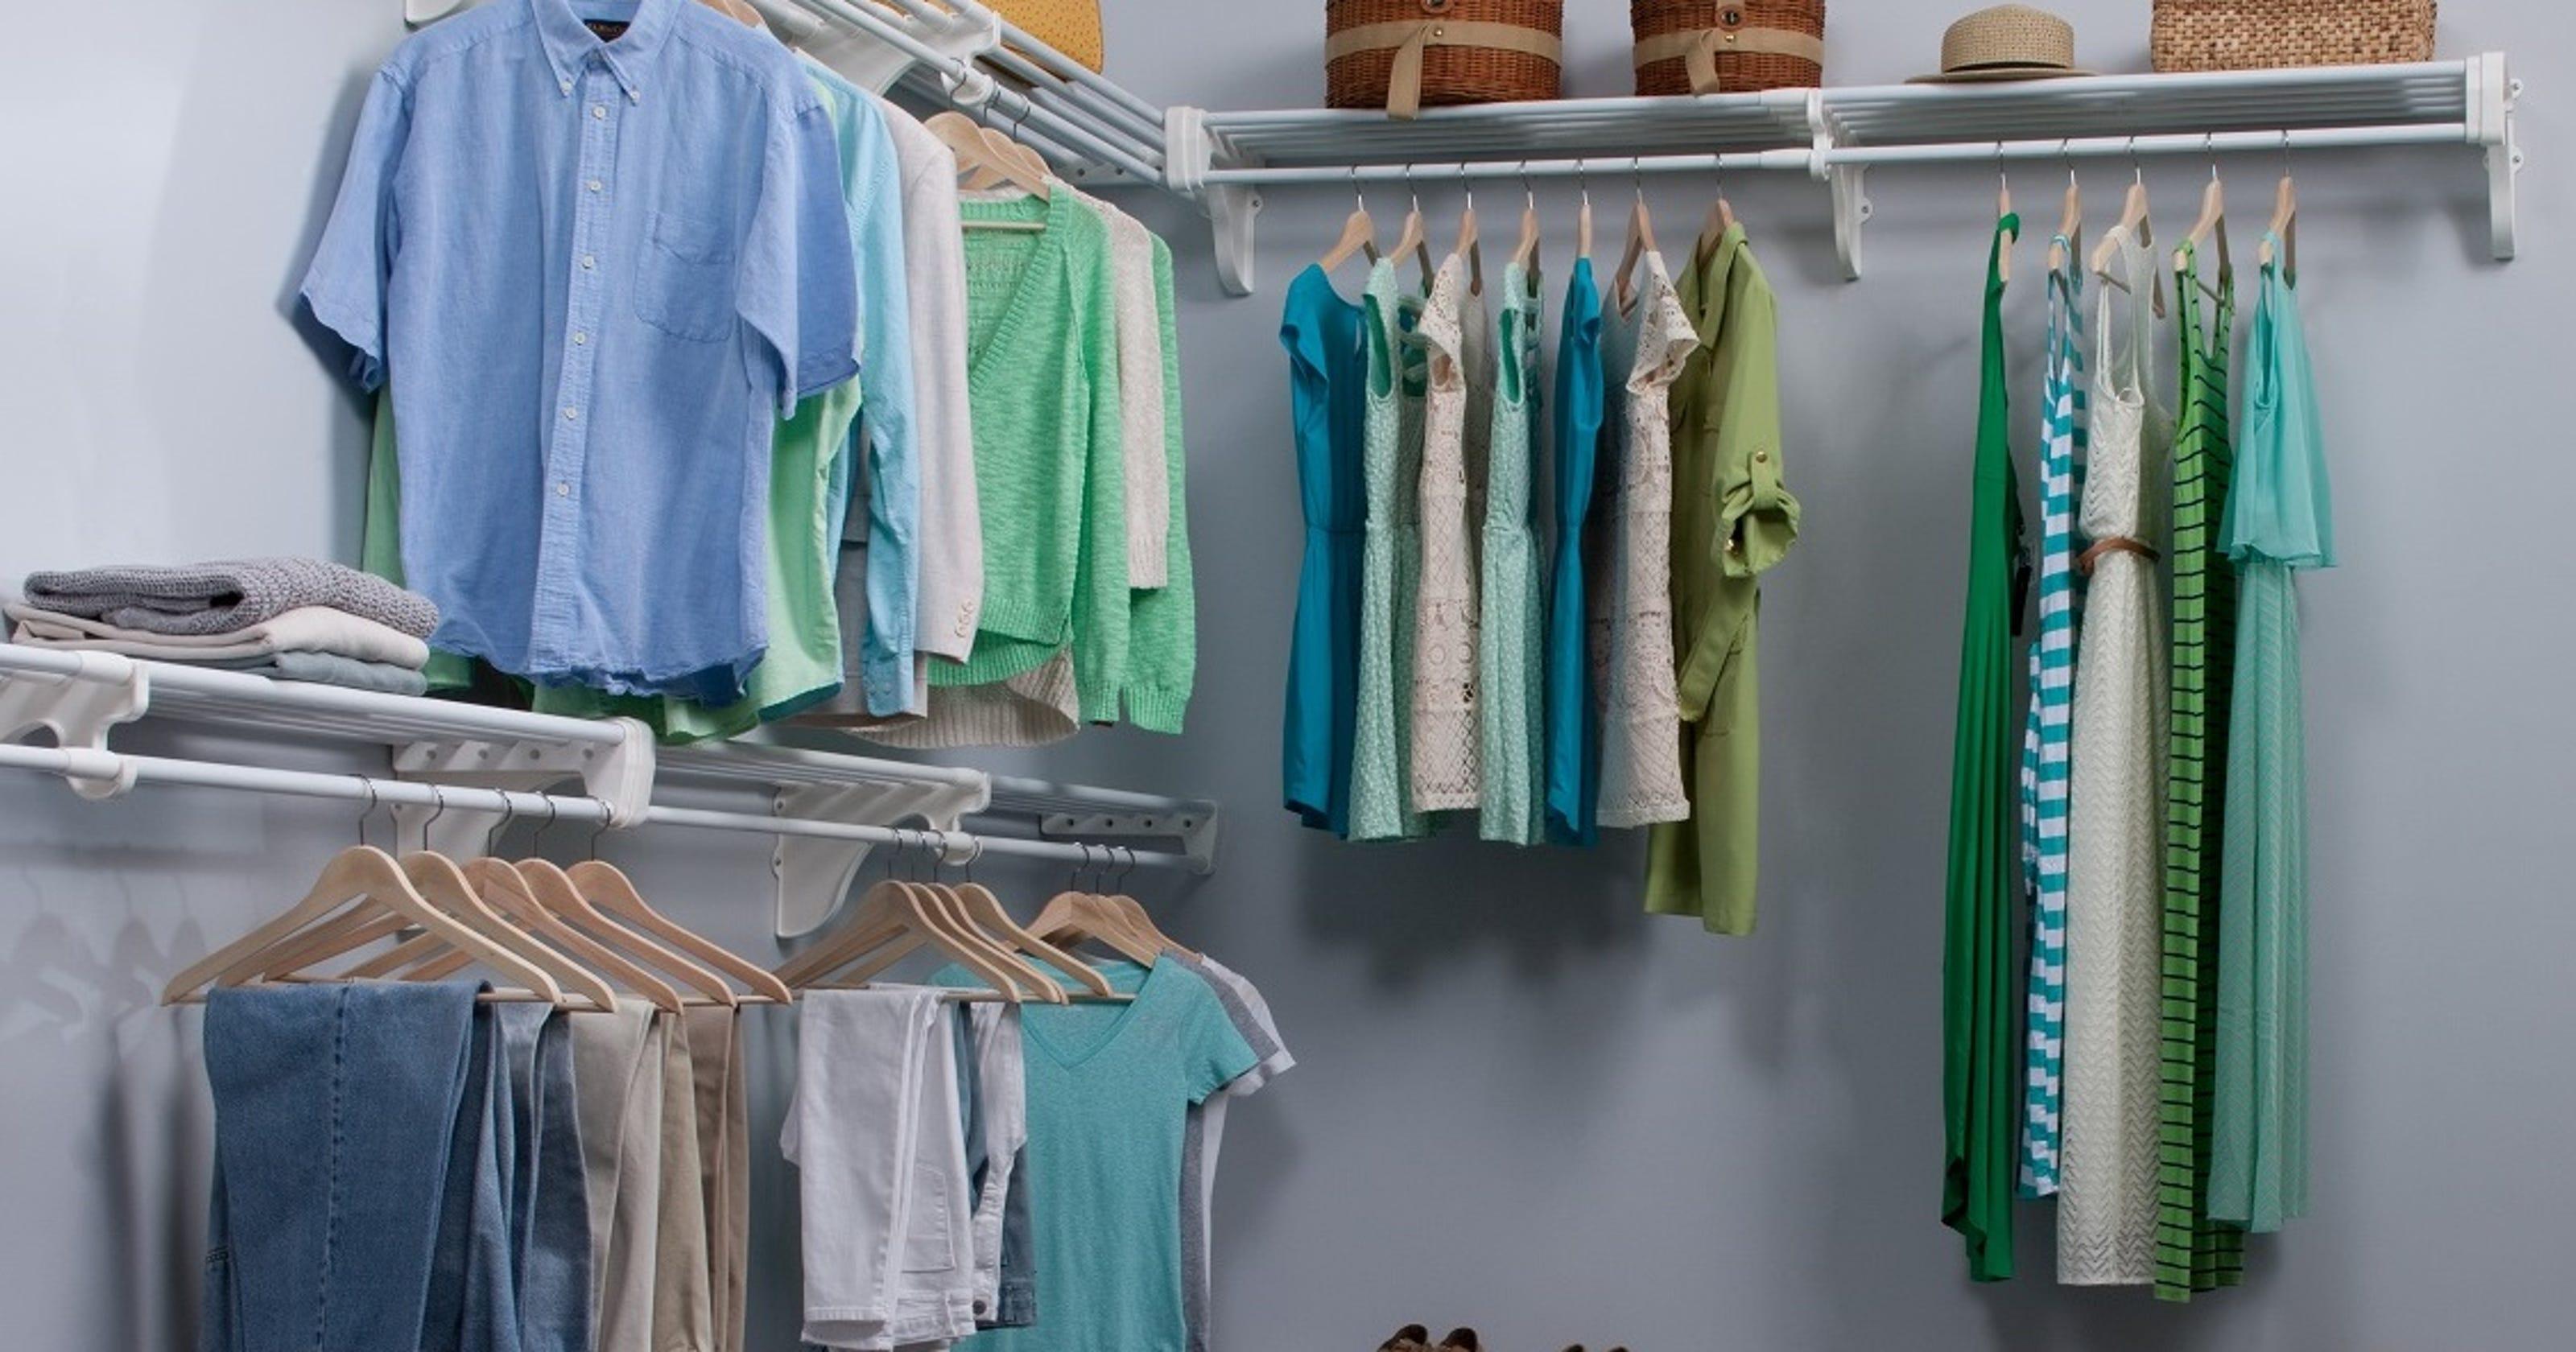 Dampness Causes Closet Odor